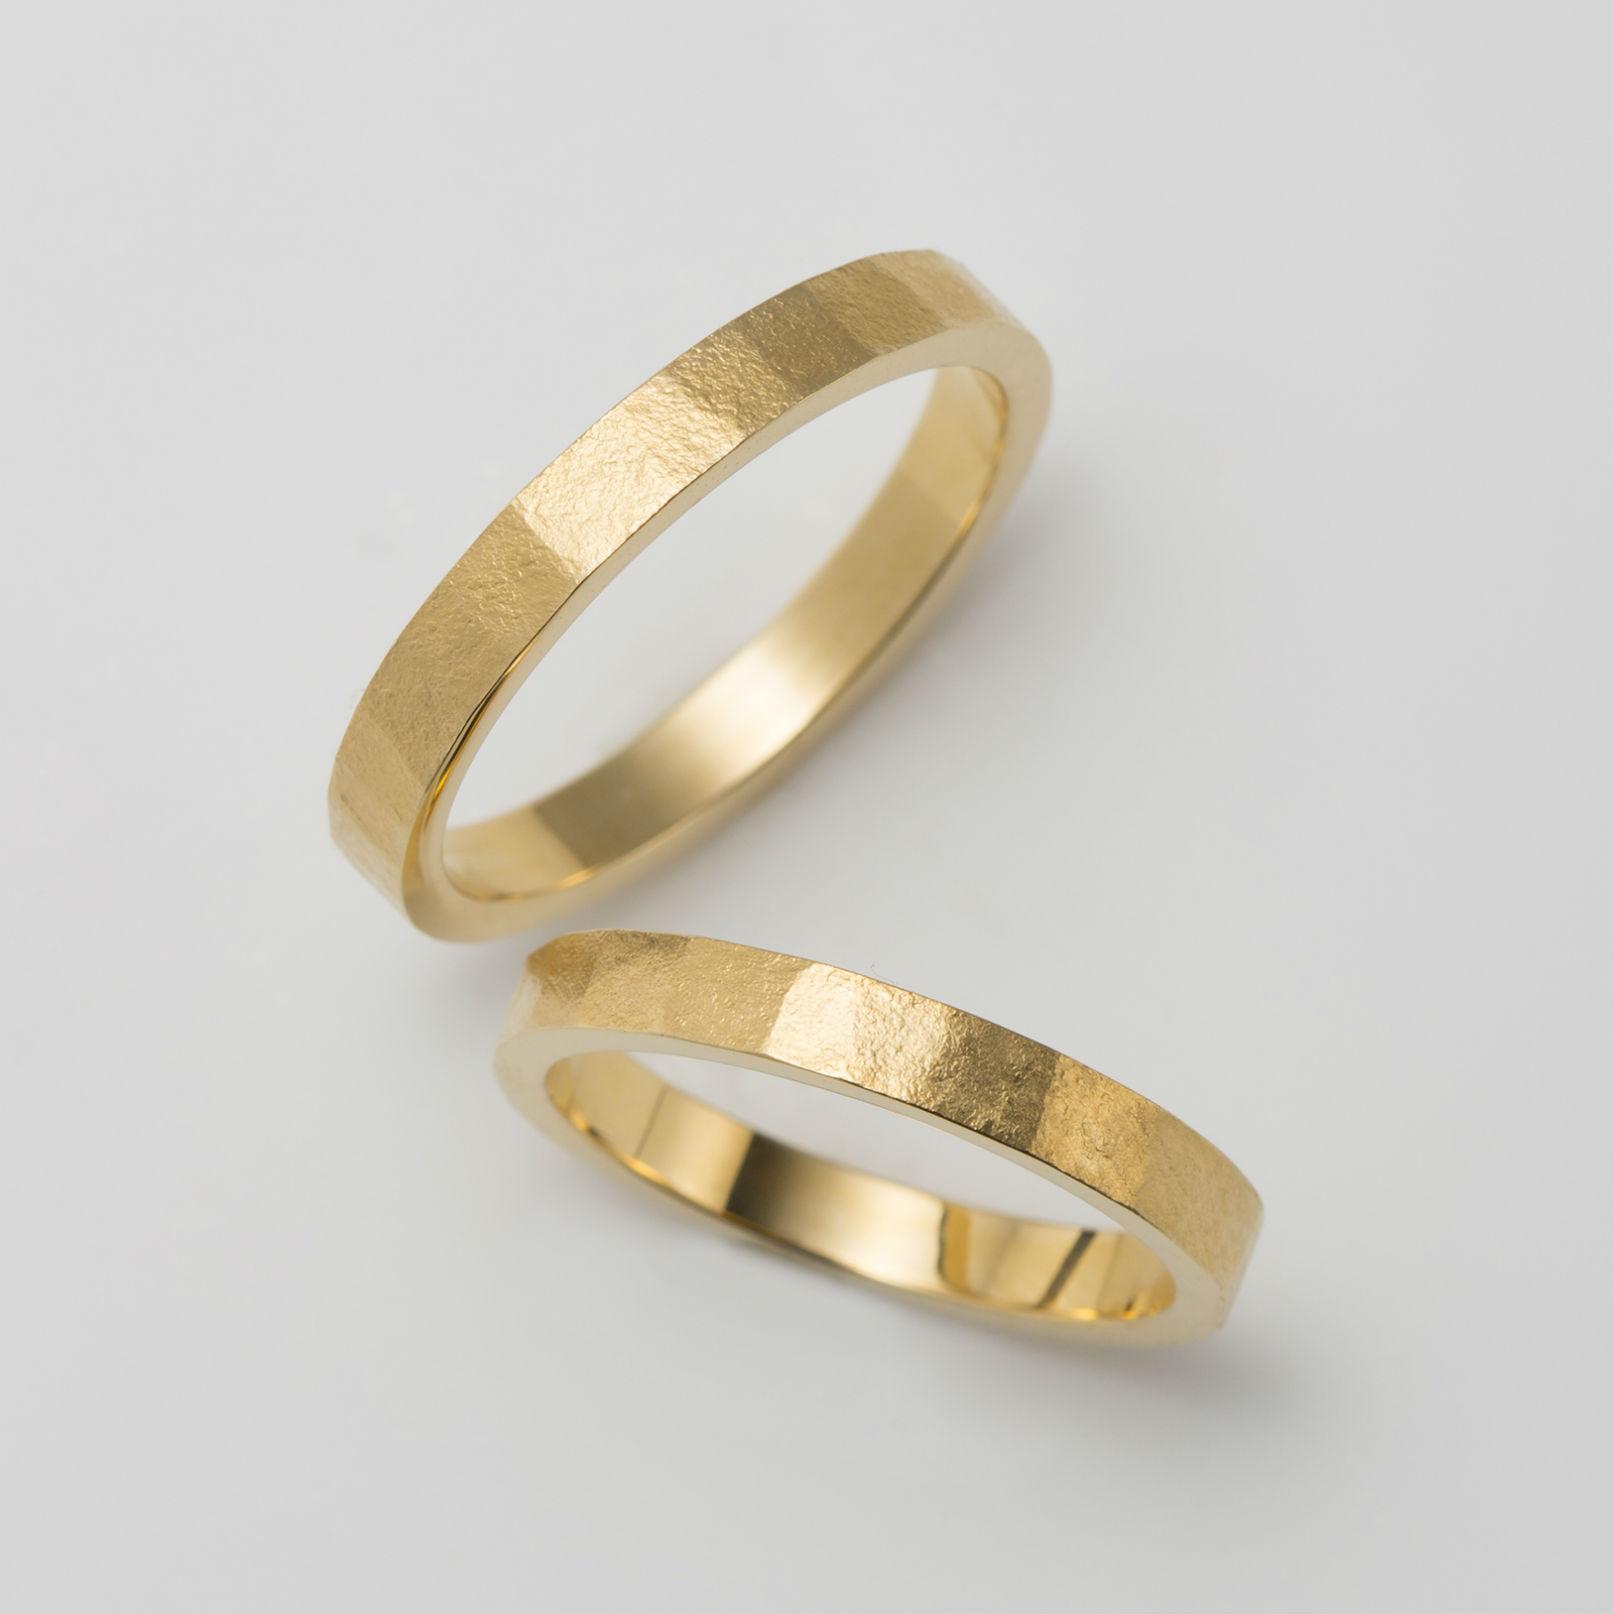 平打ちのイエローゴールドの結婚指輪